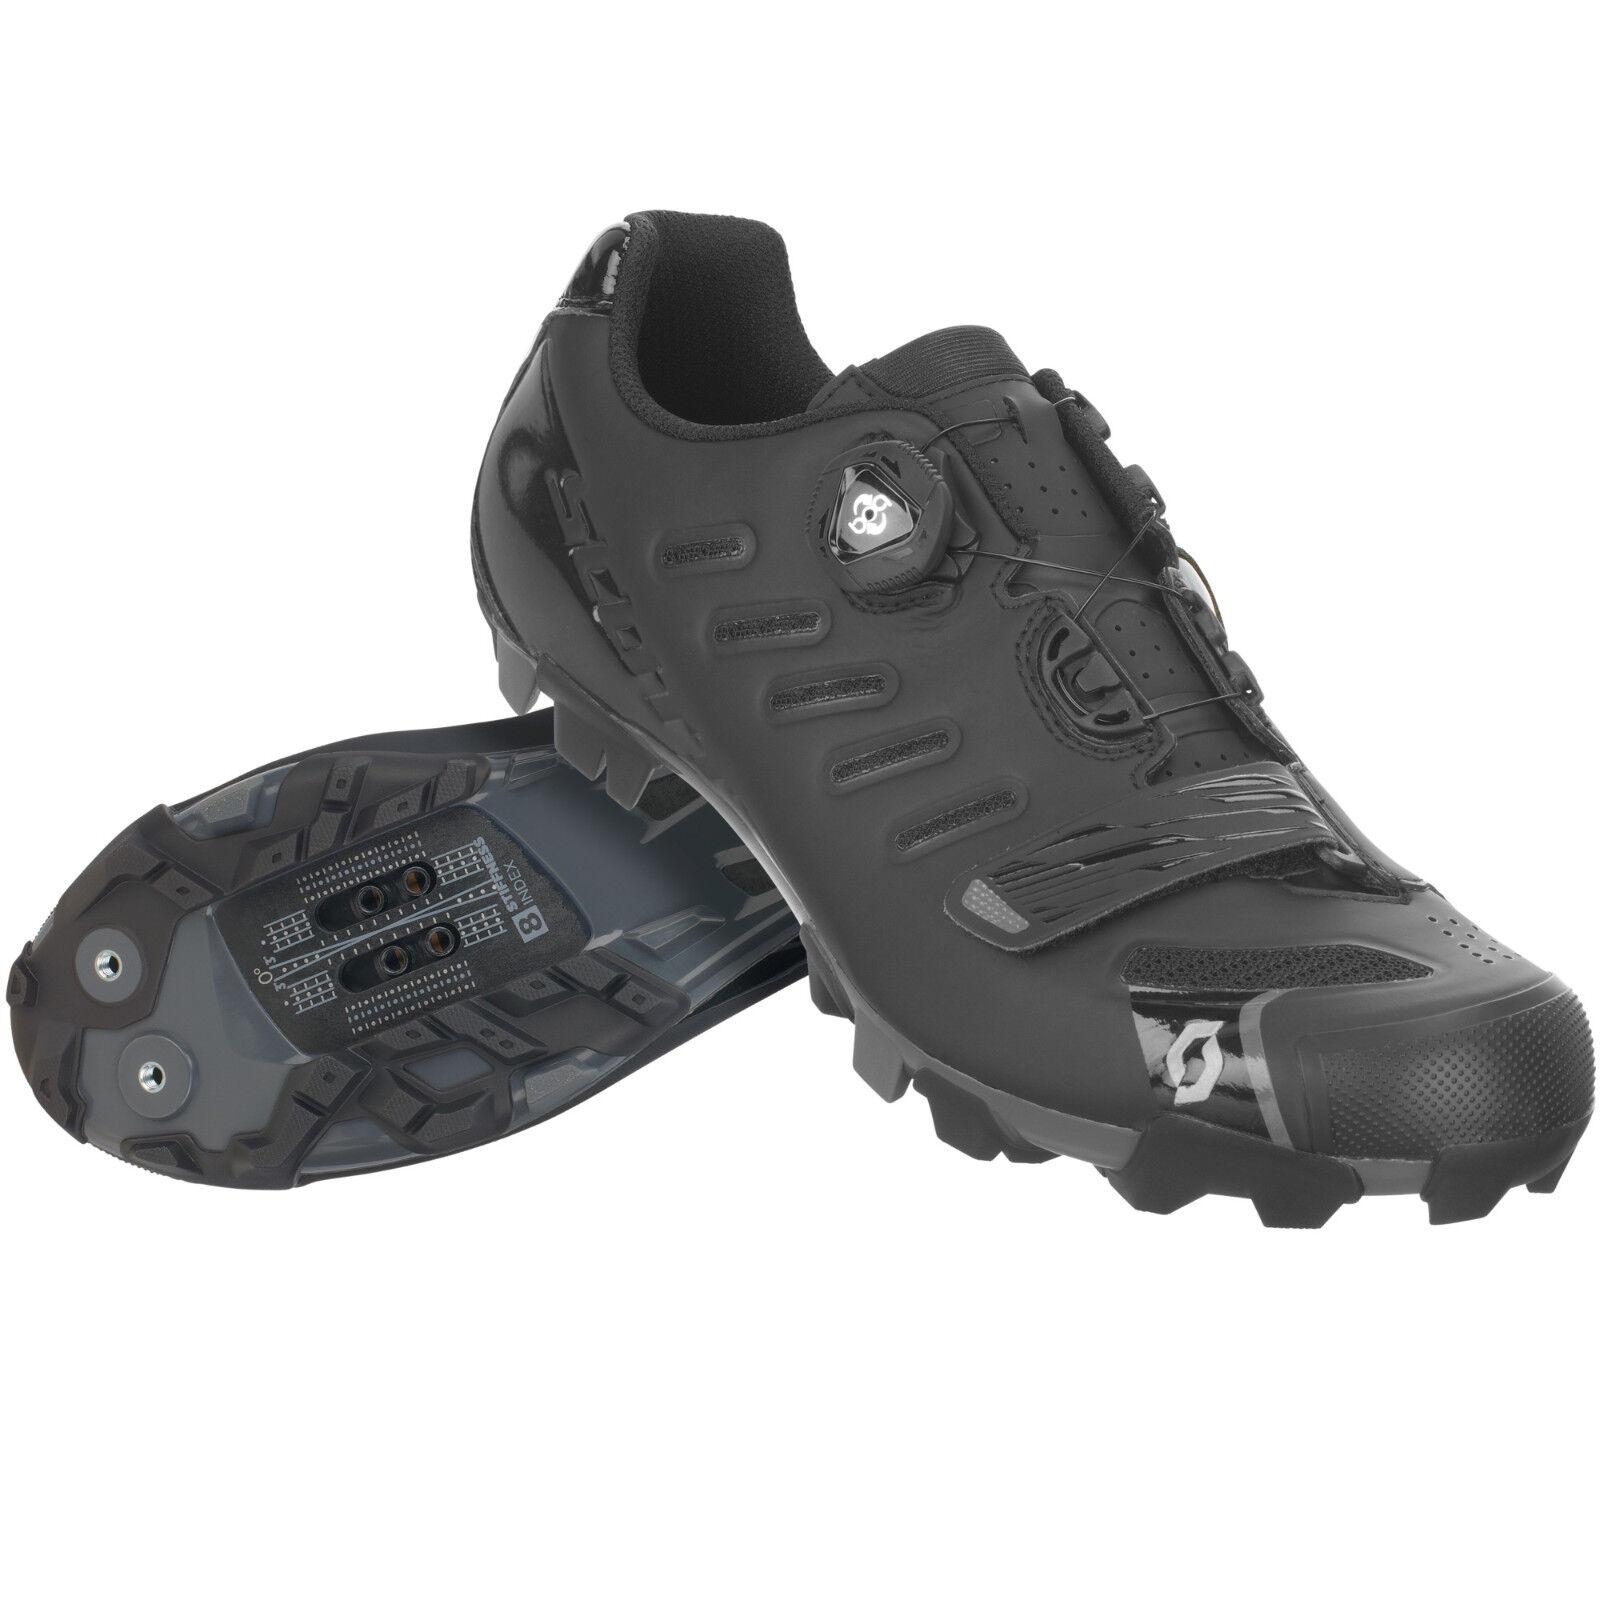 Schuhe Schuhe SCOTT MTB TEAM BOA schwarze Farbe